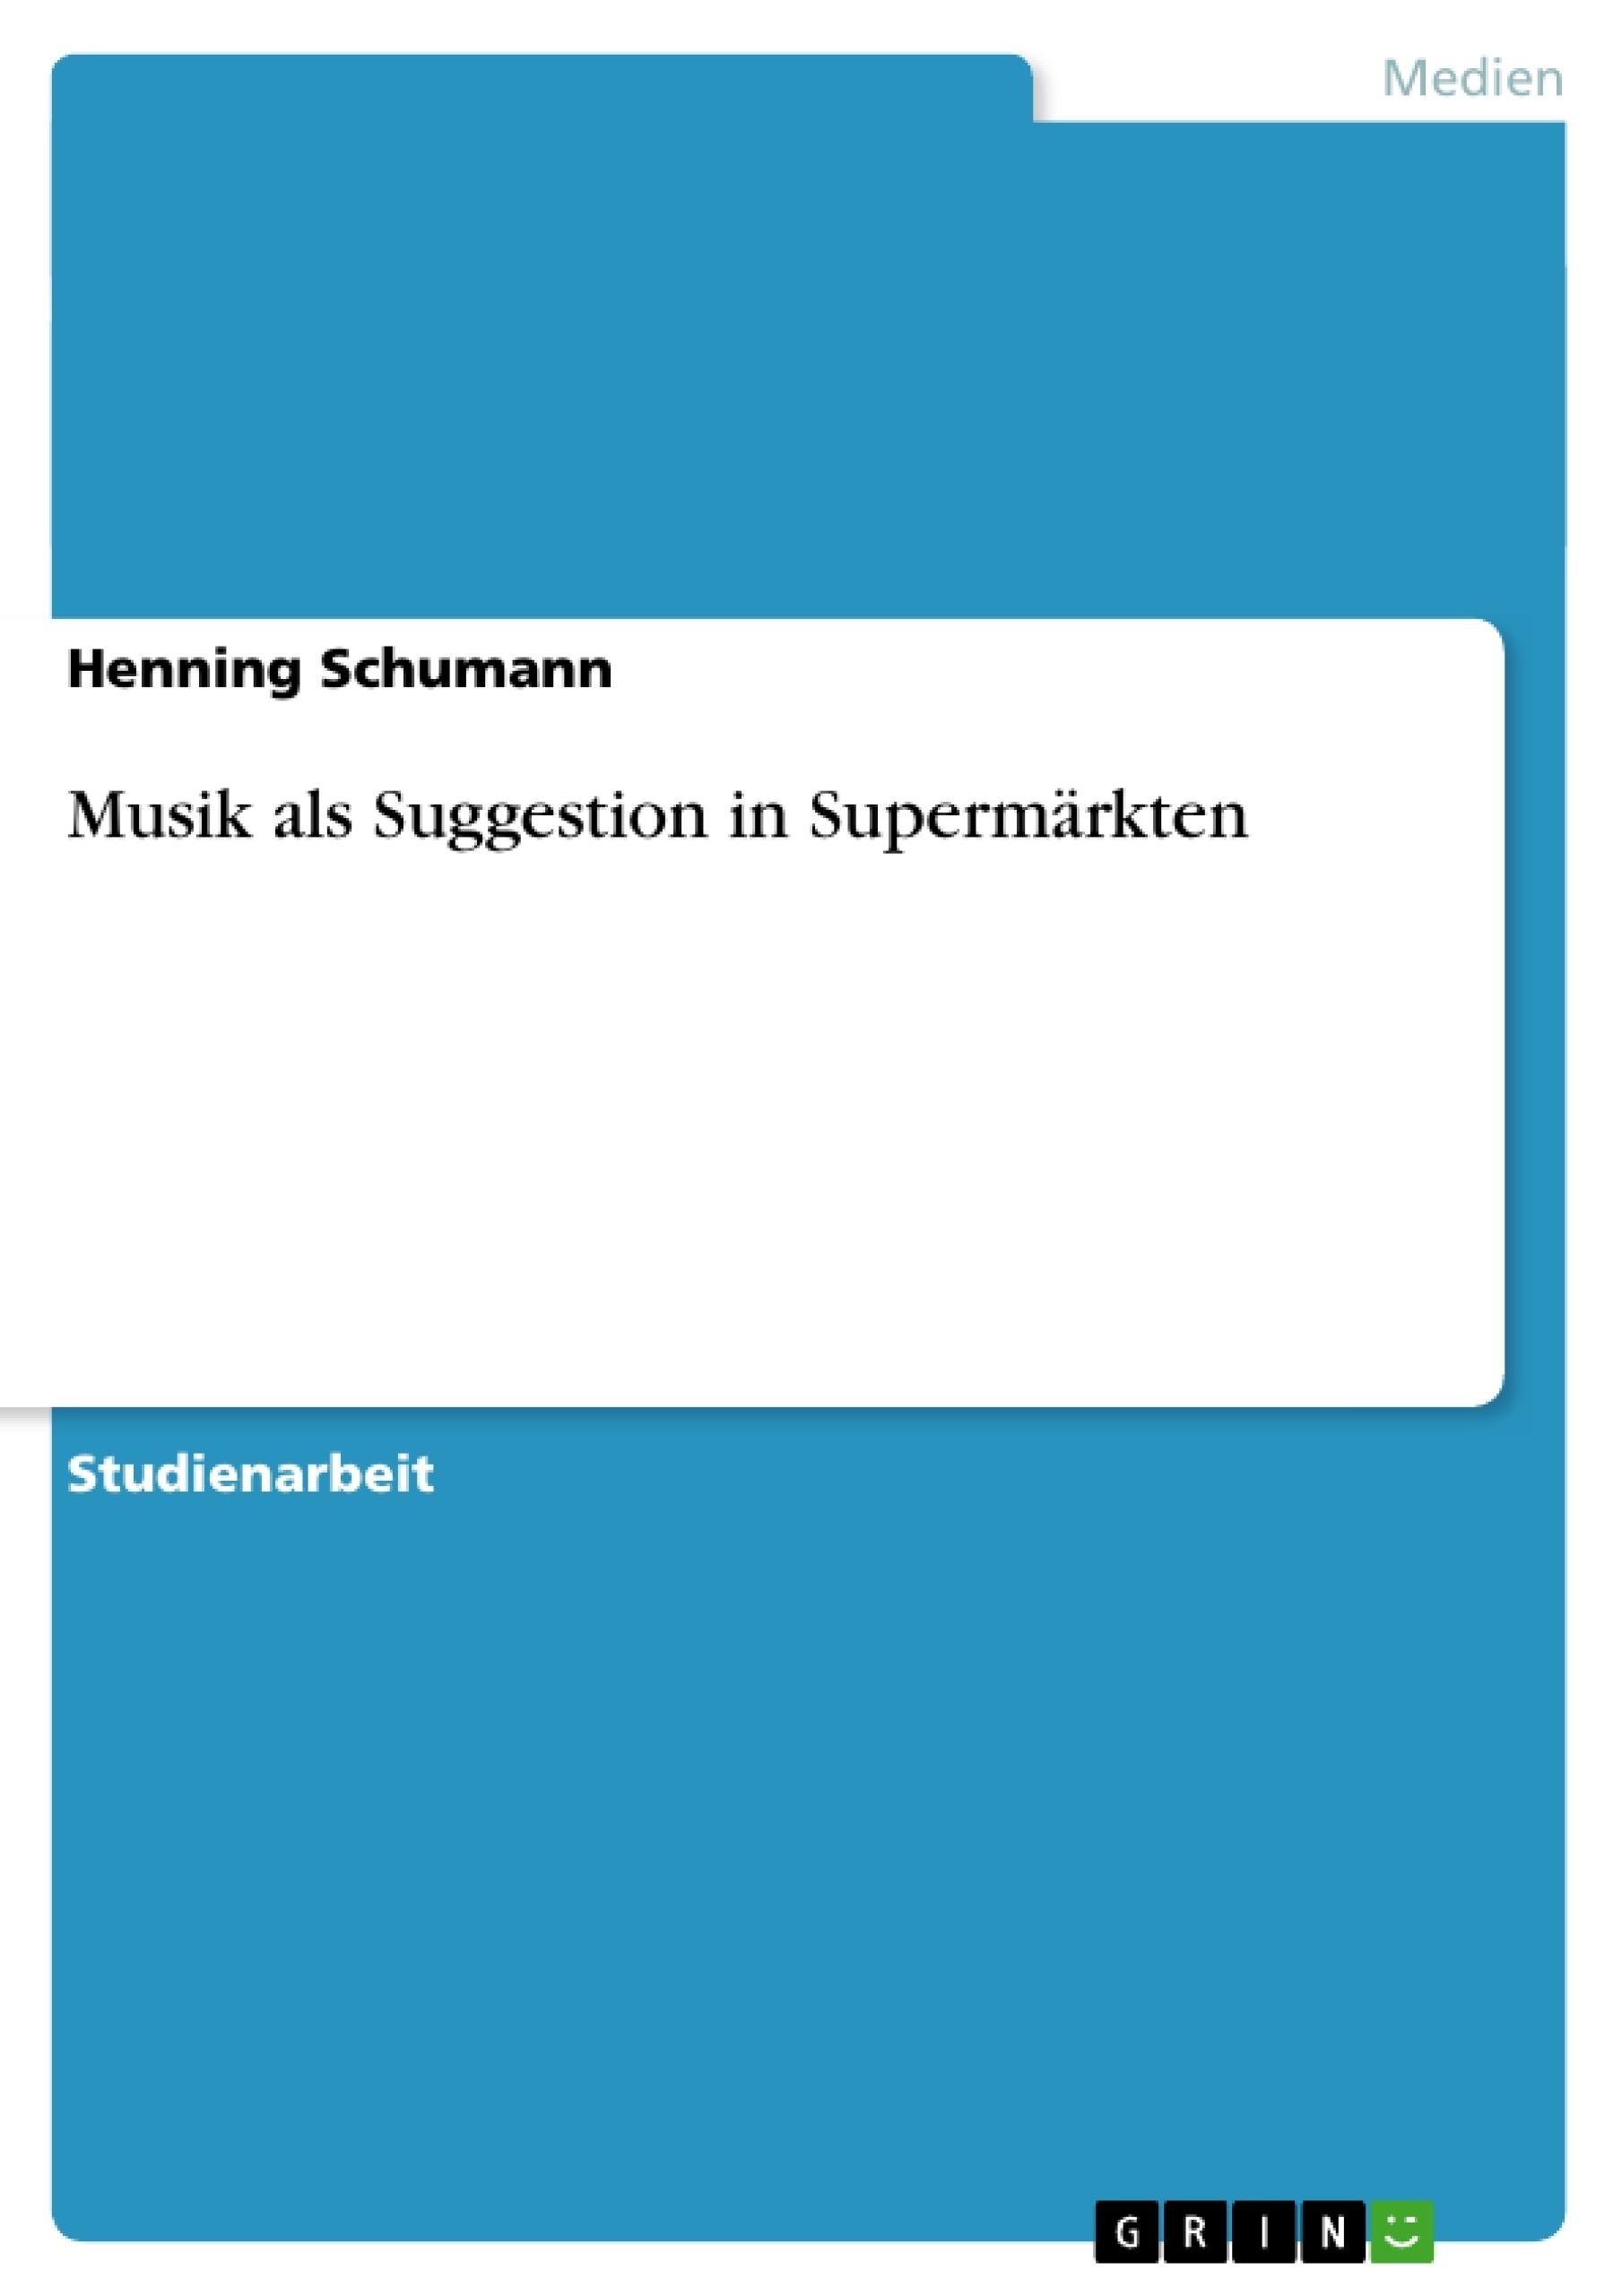 Titel: Musik als Suggestion in Supermärkten